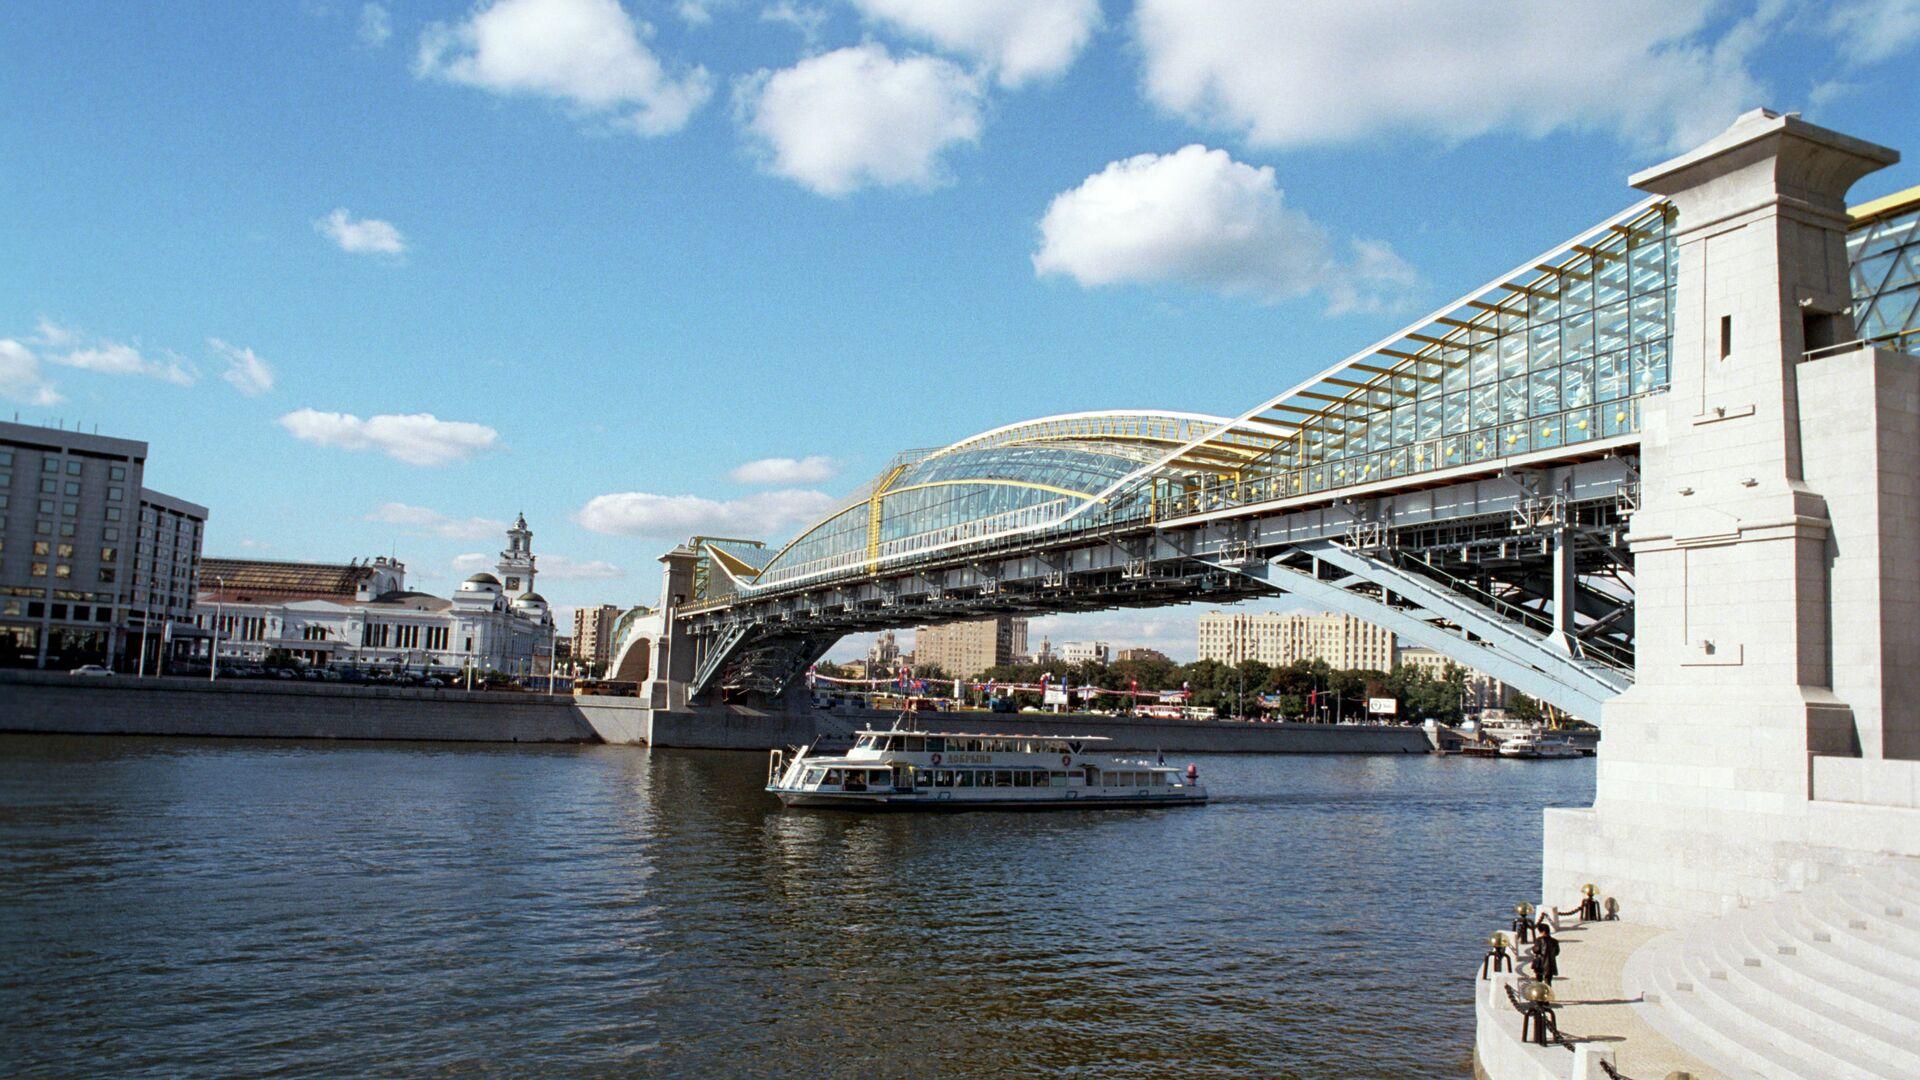 Киевский пешеходный мост(мост Богдана Хмельницкого), открытый 2 сентября 2001 года, соединил площадь Киевского вокзала и улицу Плющиху - РИА Новости, 1920, 30.09.2020